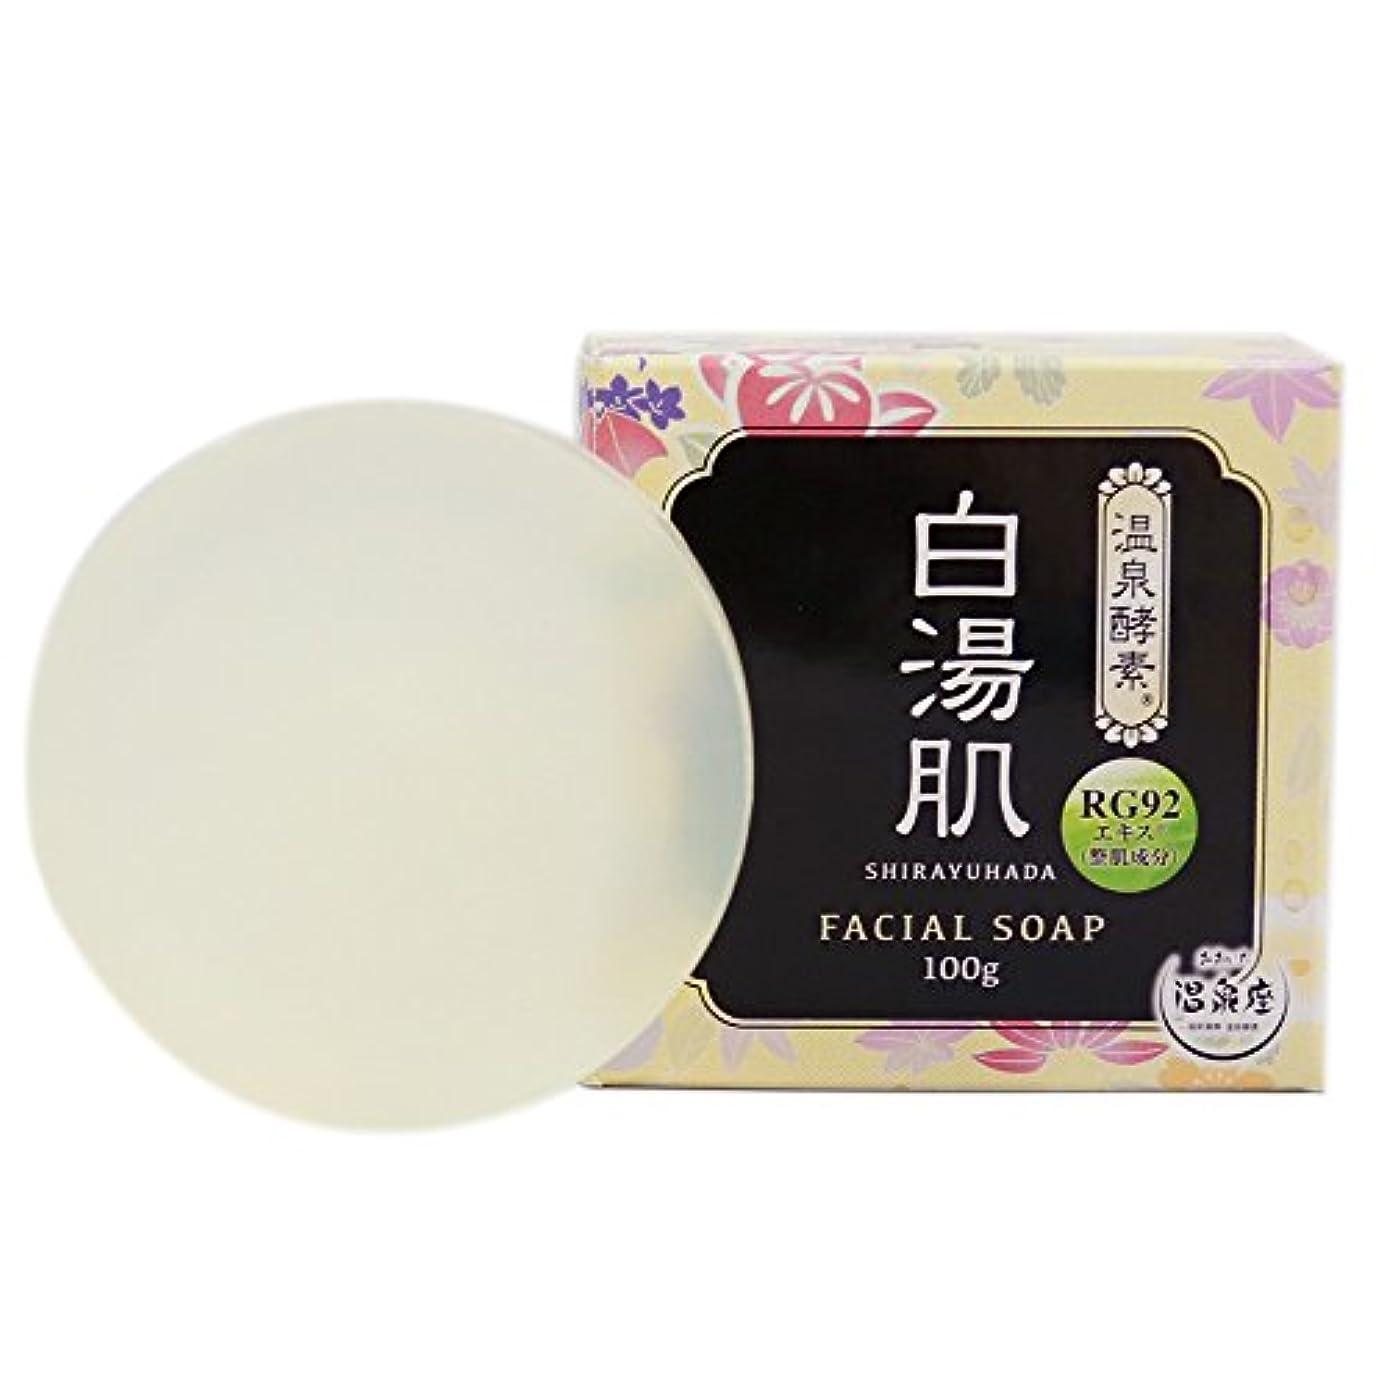 補償適格栄養温泉酵素 白湯肌 洗顔せっけん 100g